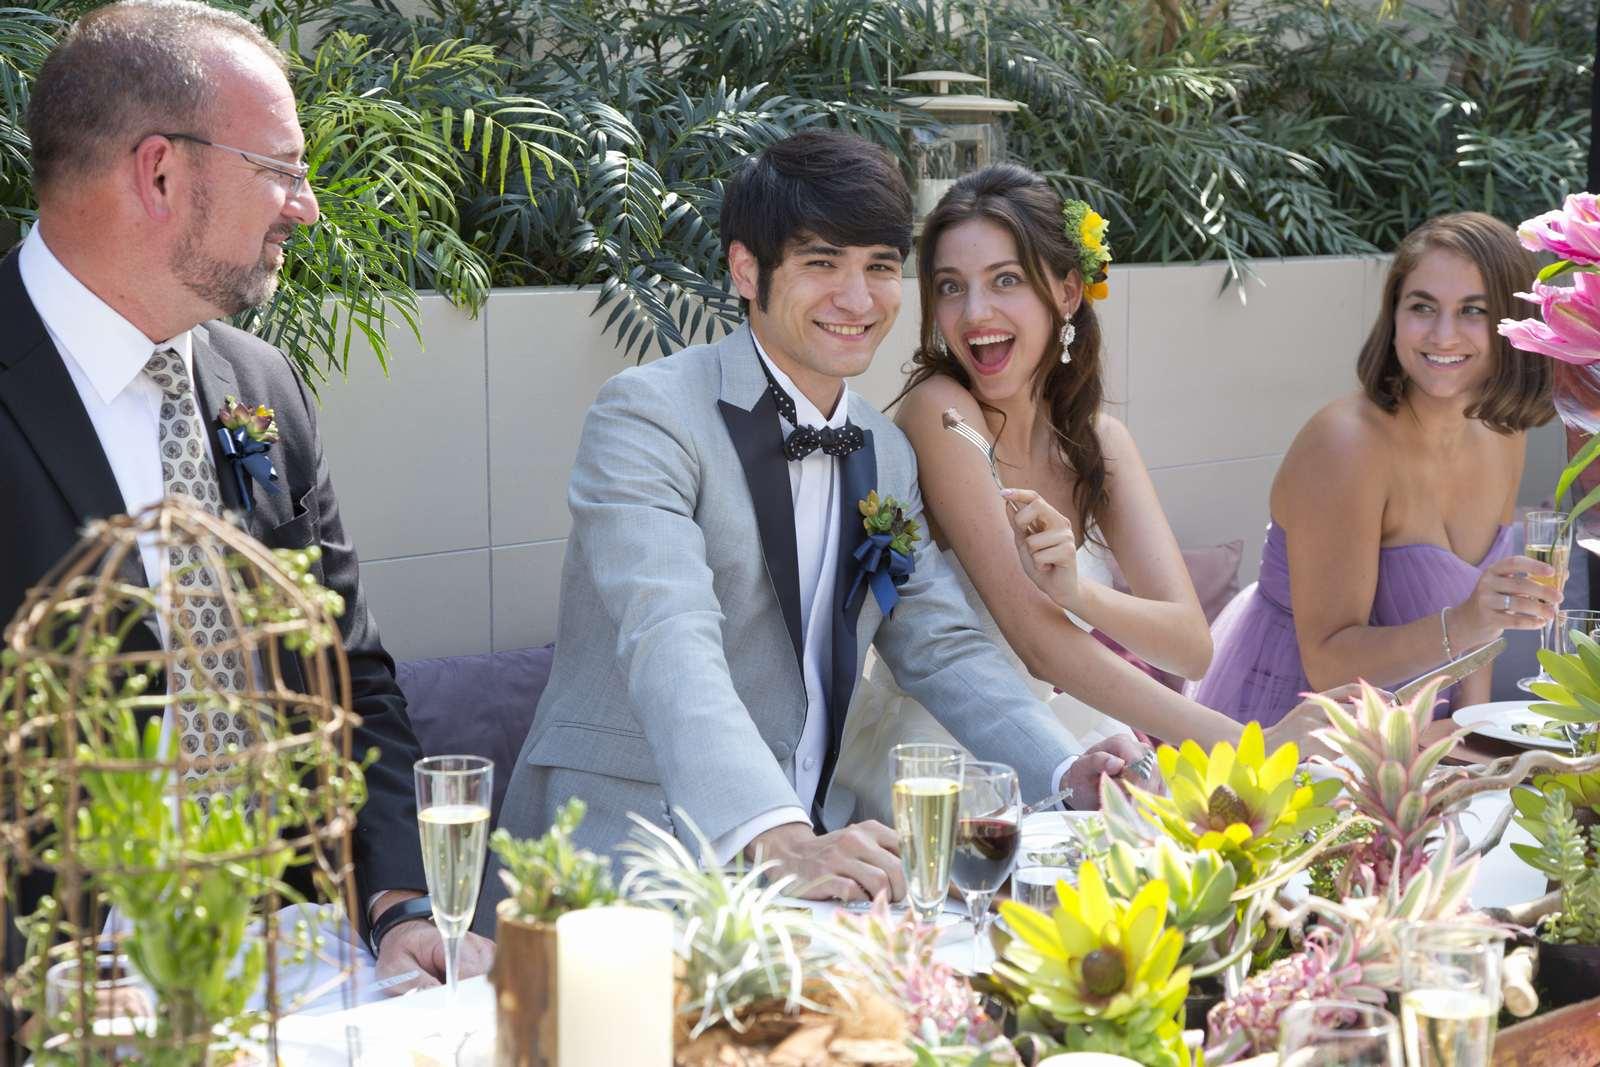 高松市の結婚式場アイルバレクラブのガーデンでの新郎新婦のイメージ